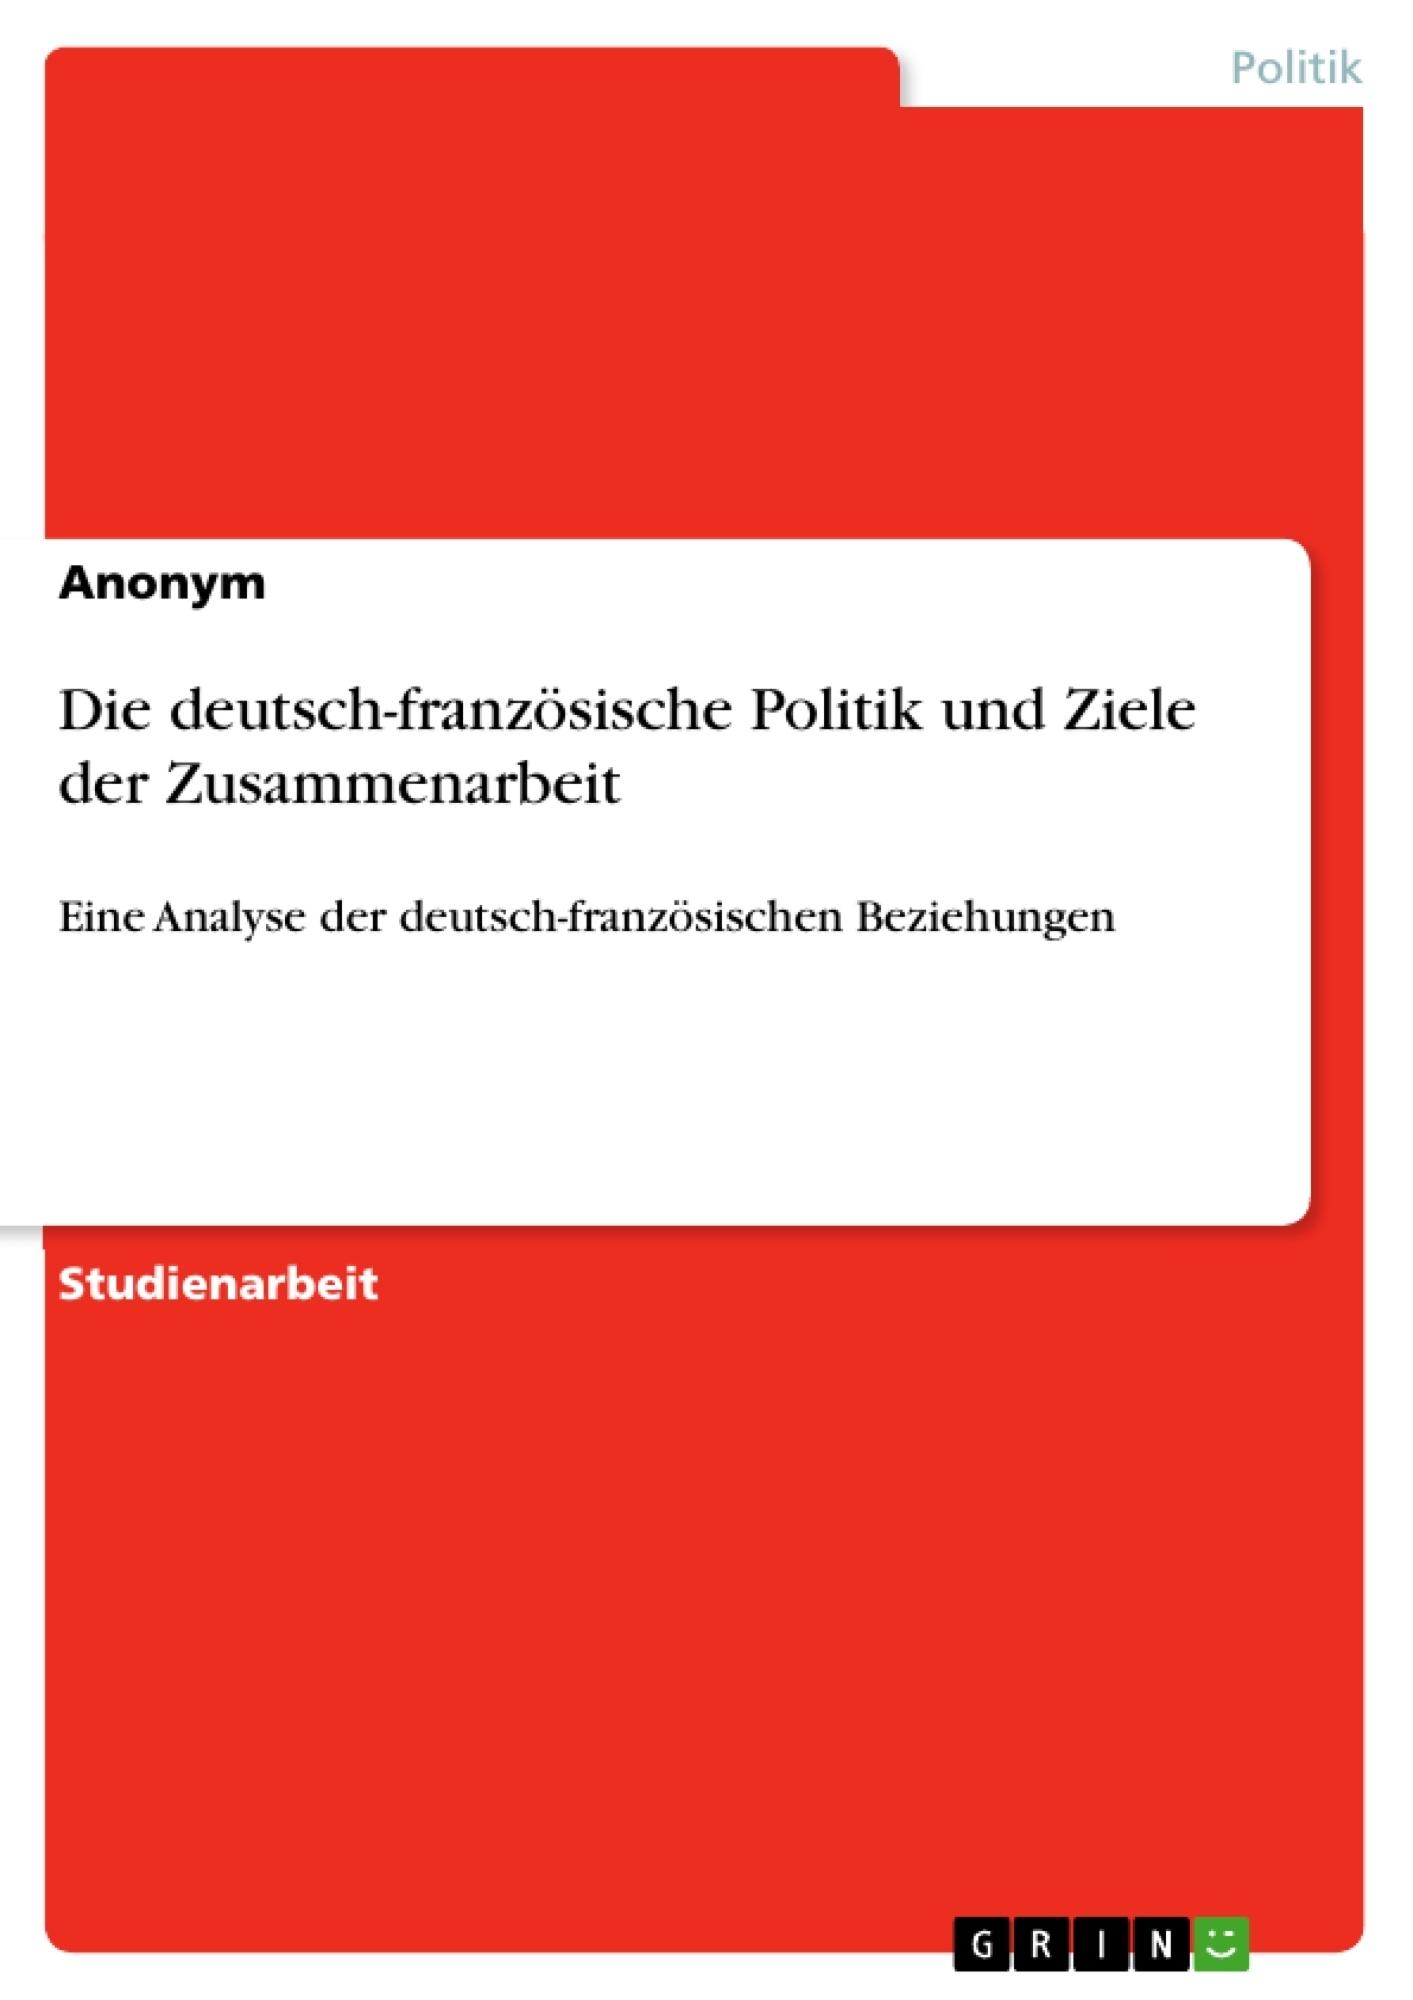 Titel: Die deutsch-französische Politik und Ziele der Zusammenarbeit